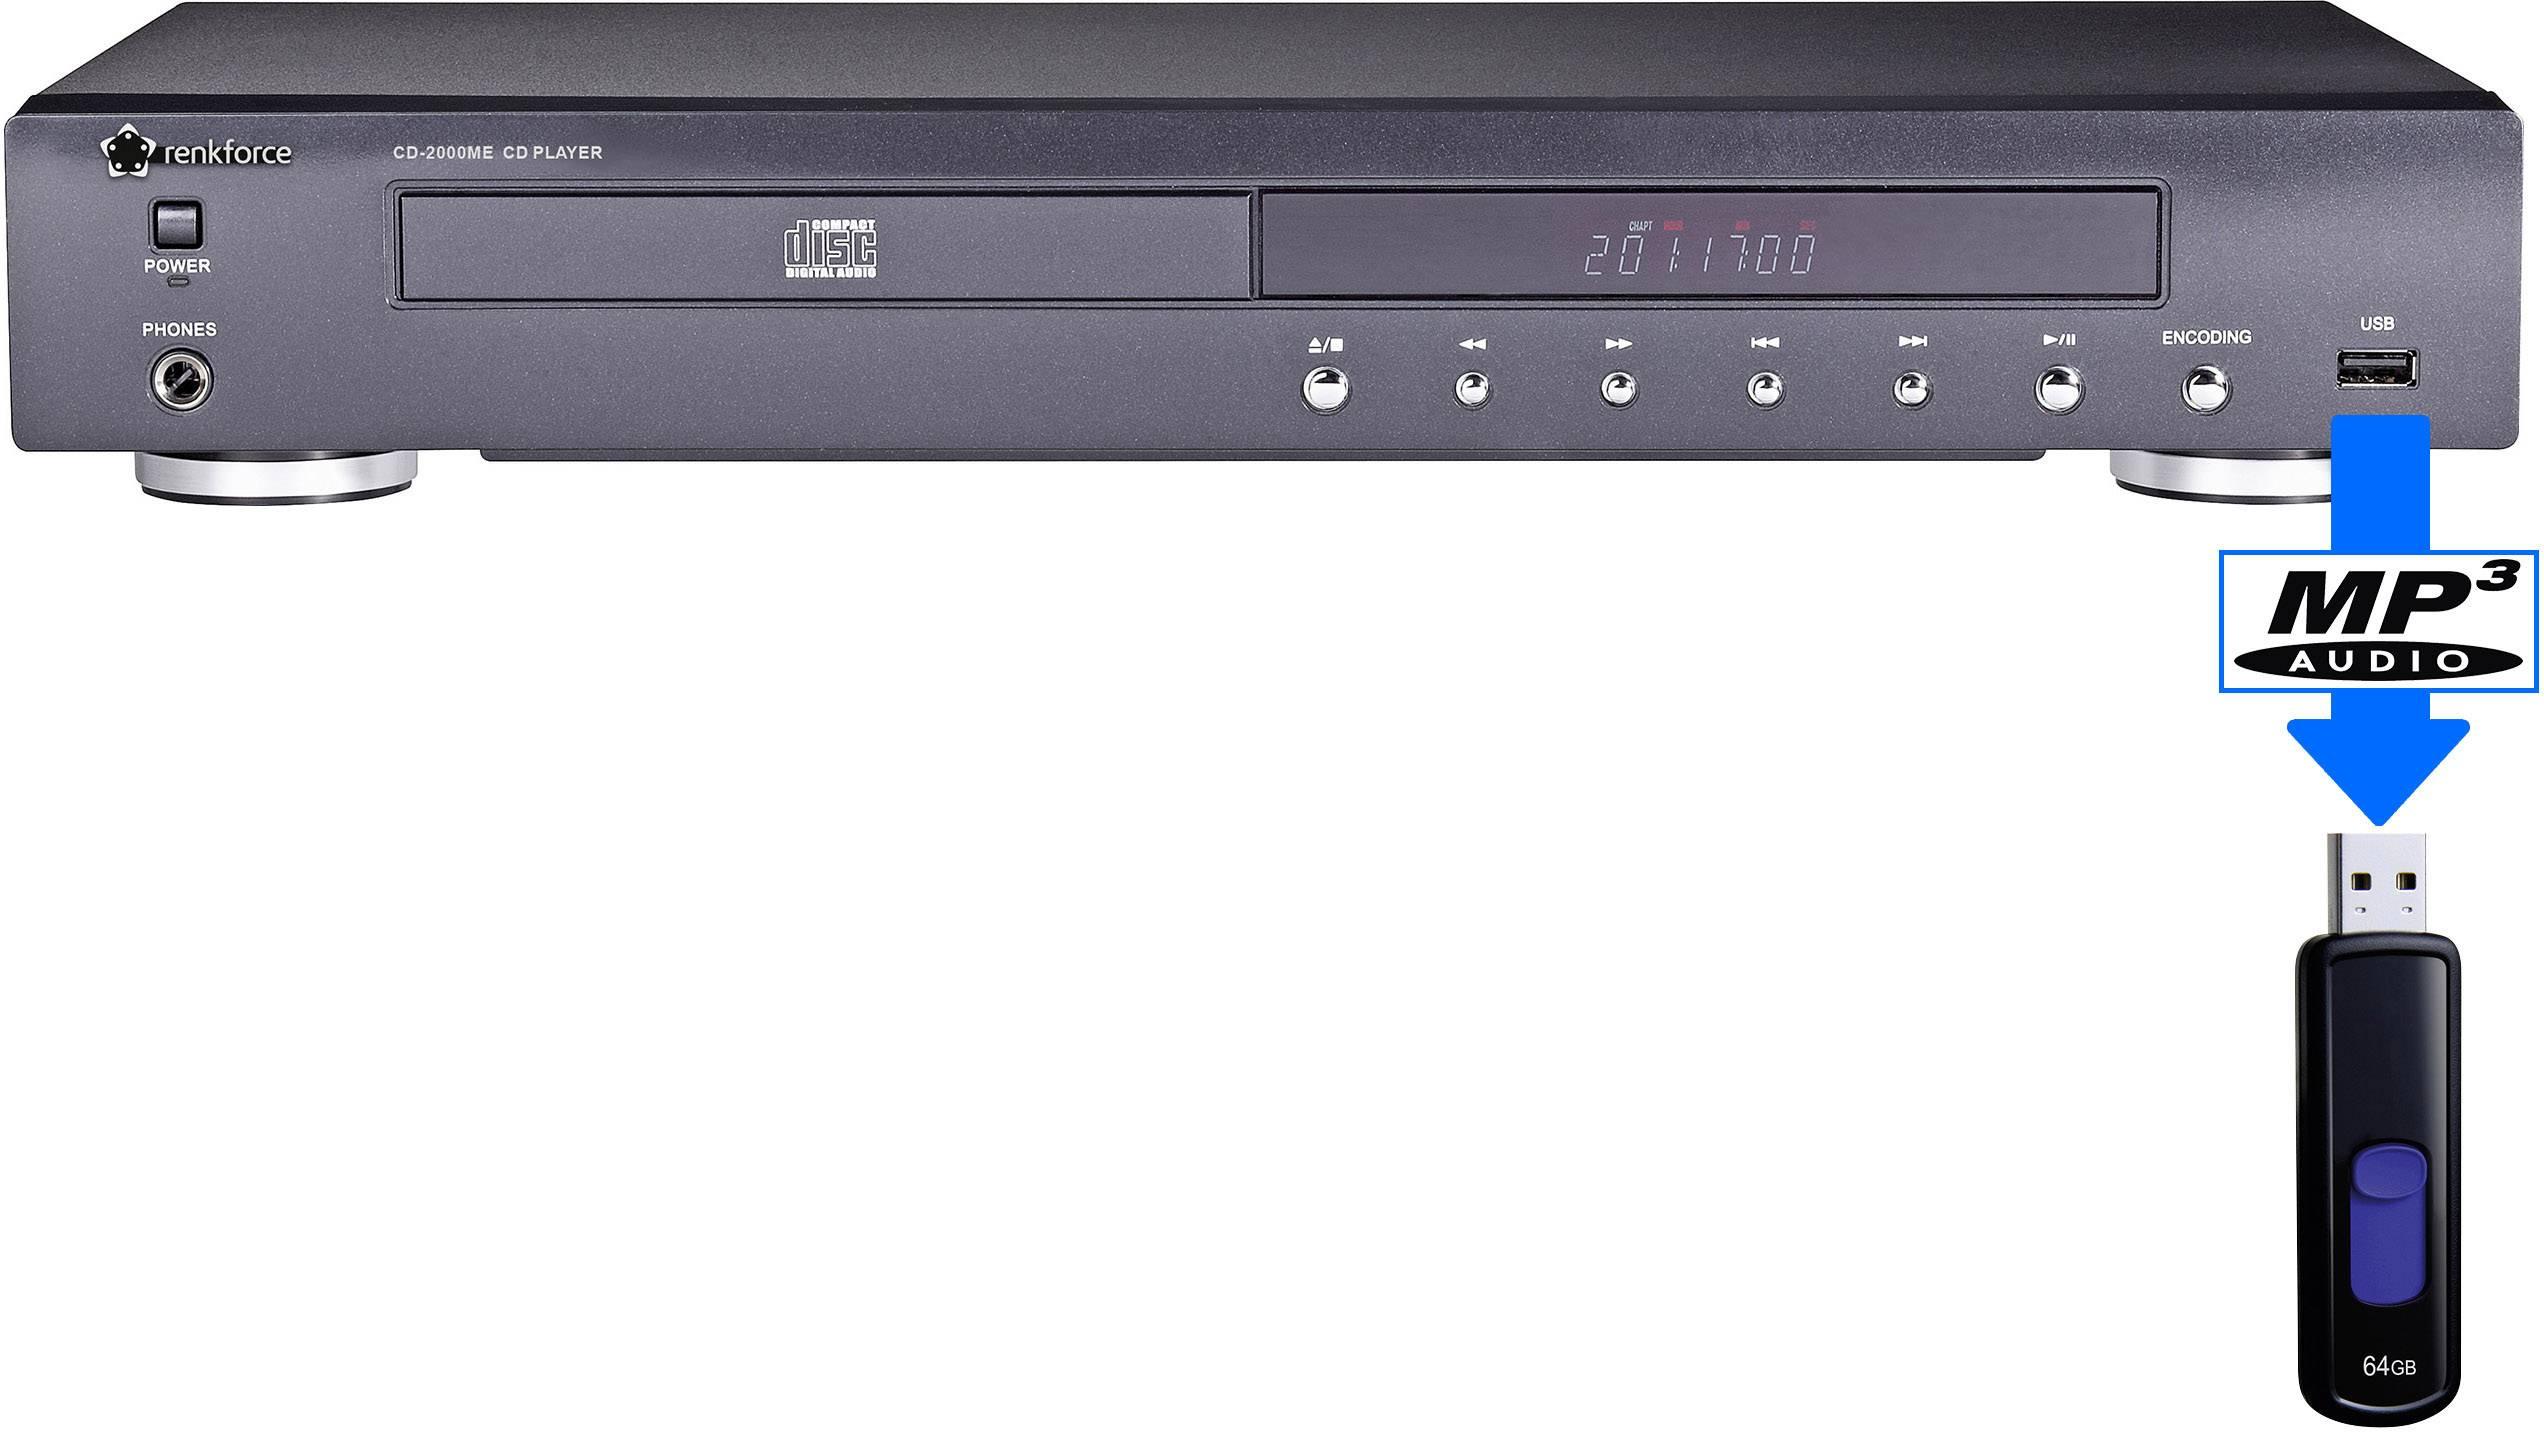 CD přehrávač Renkforce CD-2000ME